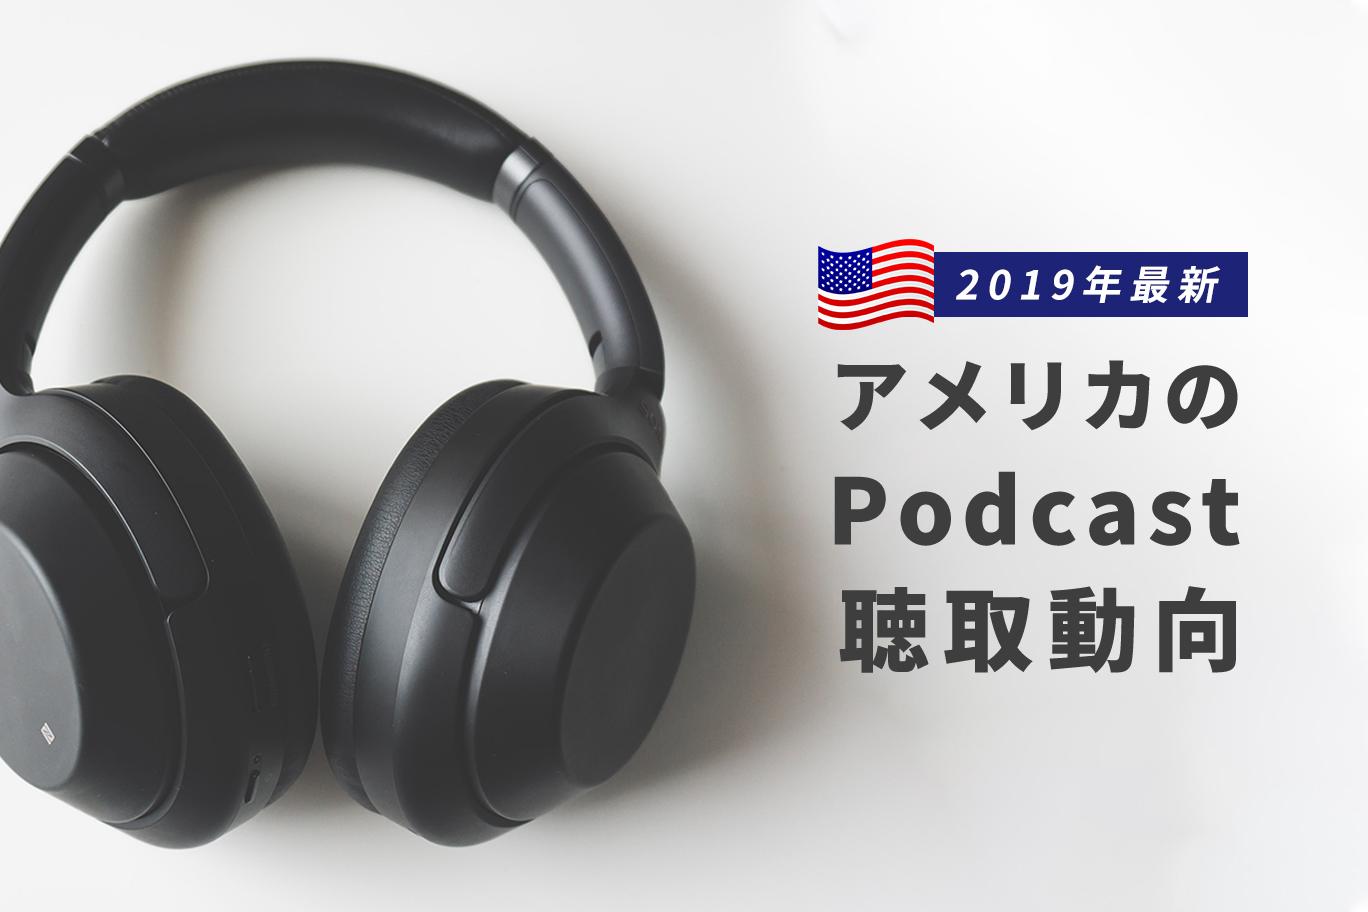 2019年最新 アメリカのPodcast聴取動向